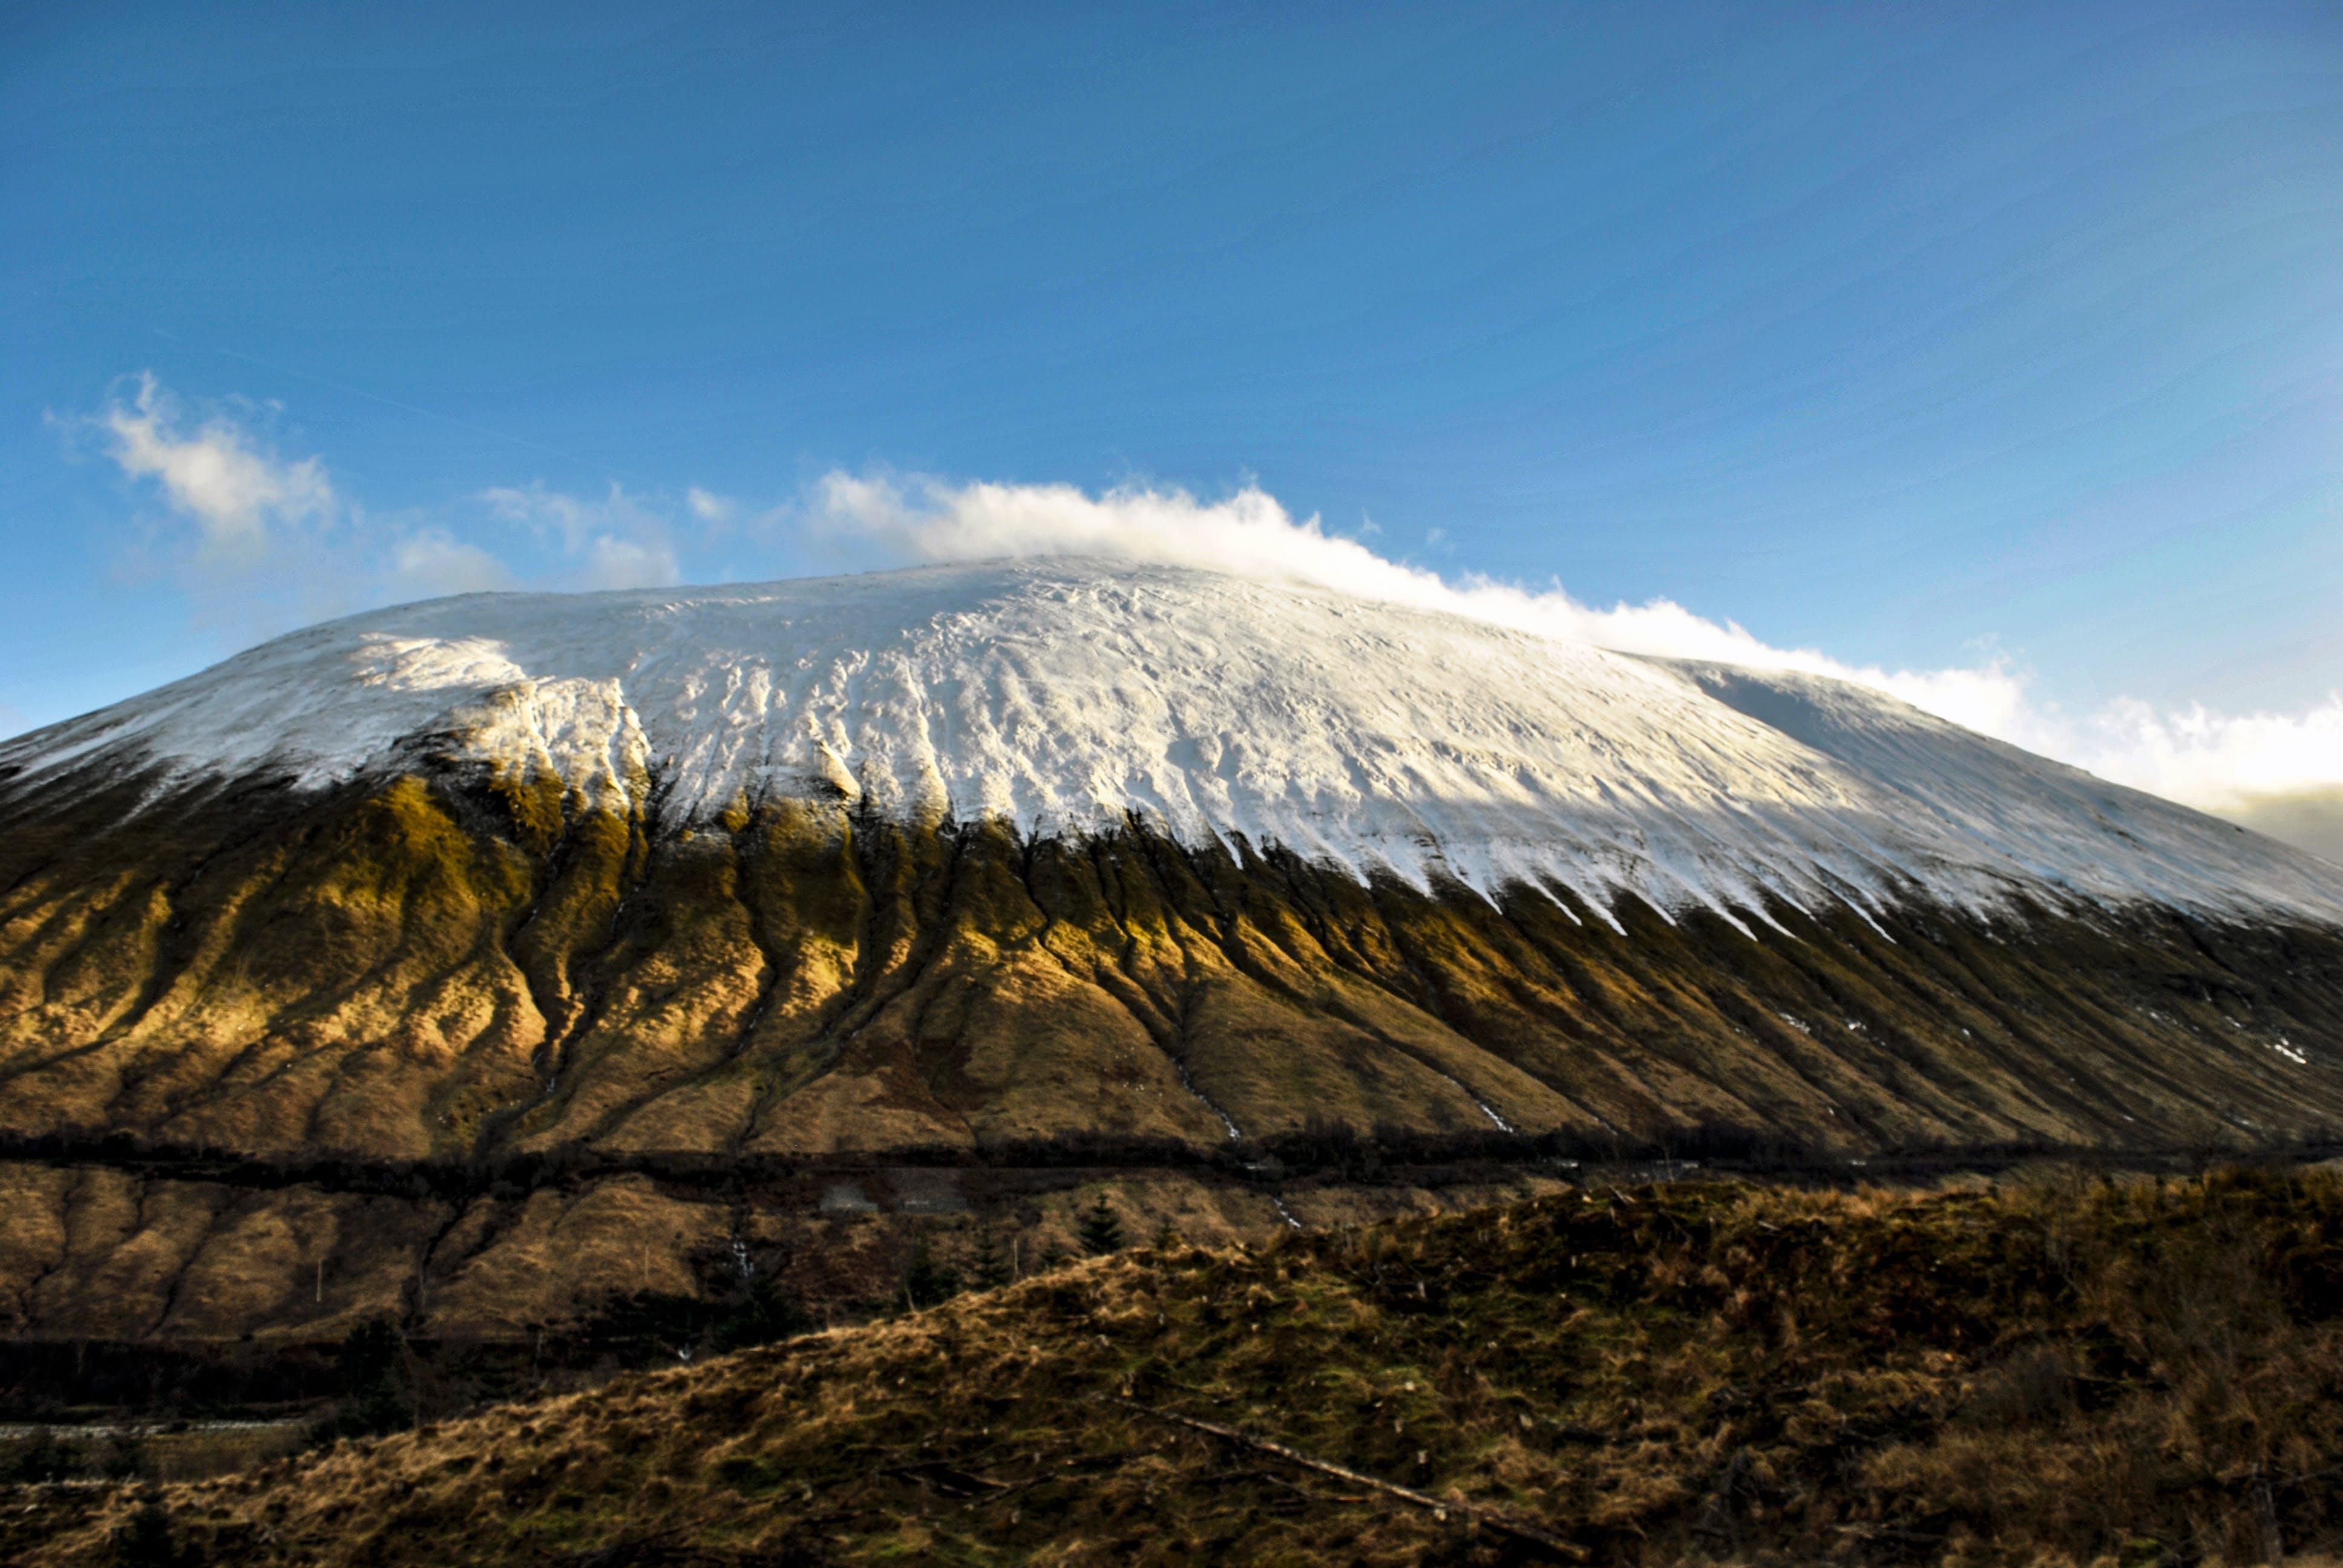 山, 藍天, 雪, 高地 的 免费素材照片